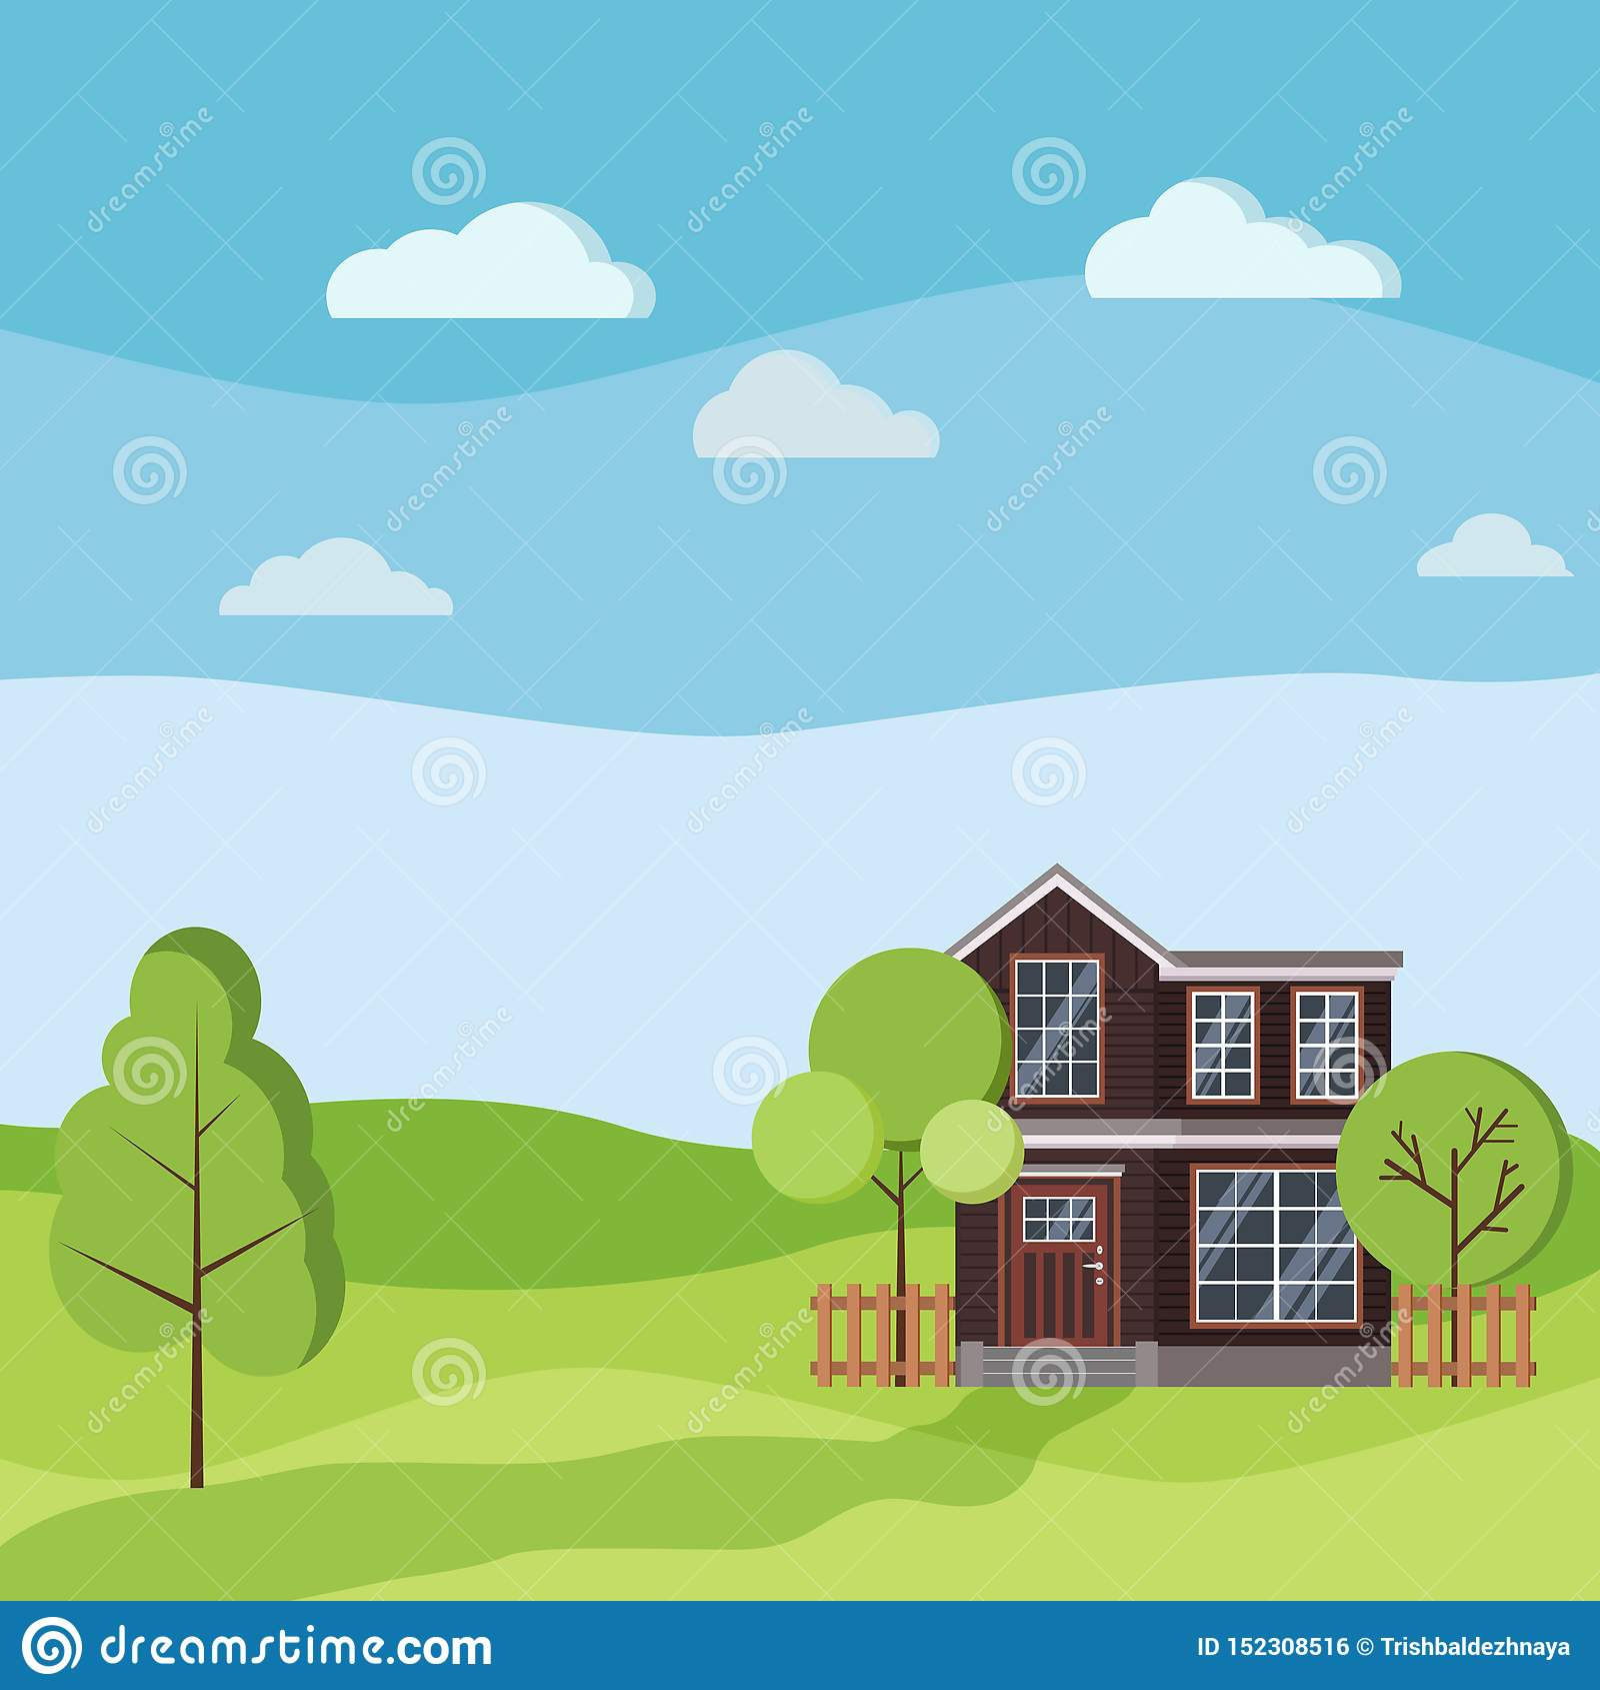 Lata lub wiosny krajobraz z wiejskim dwa kondygnacji domem z drewnianymi ogrodzeniami